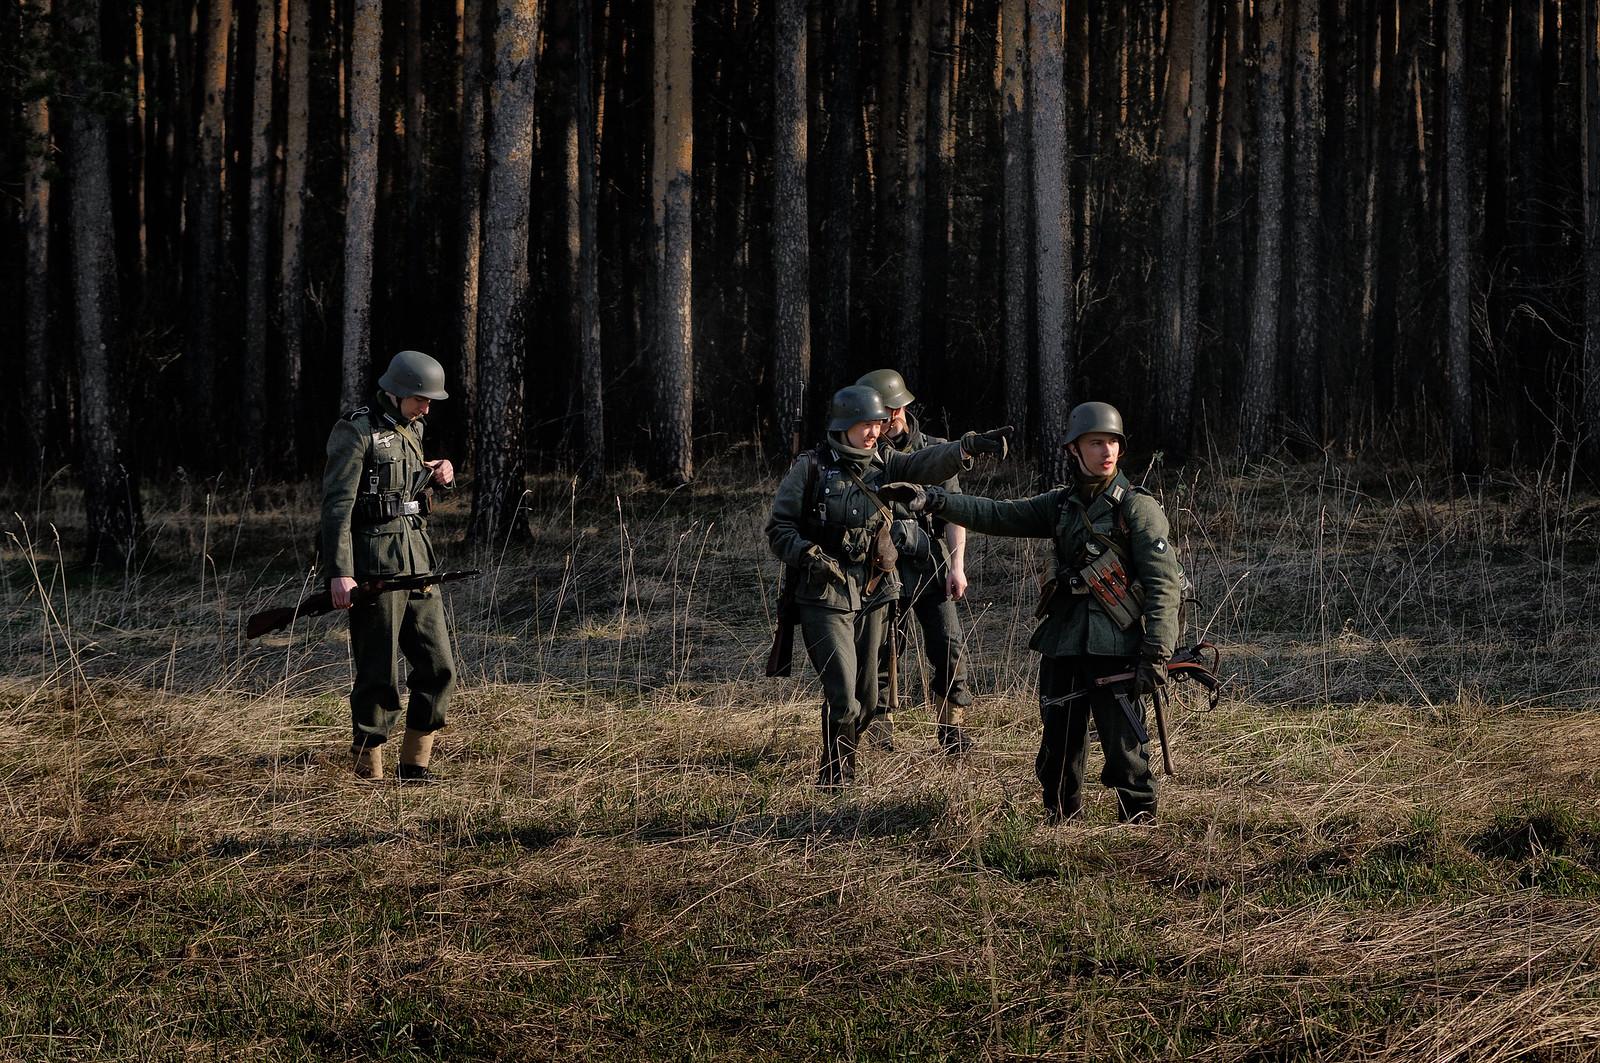 военная форма германия вторая мировая война реконструкция - фотограф Челябинск